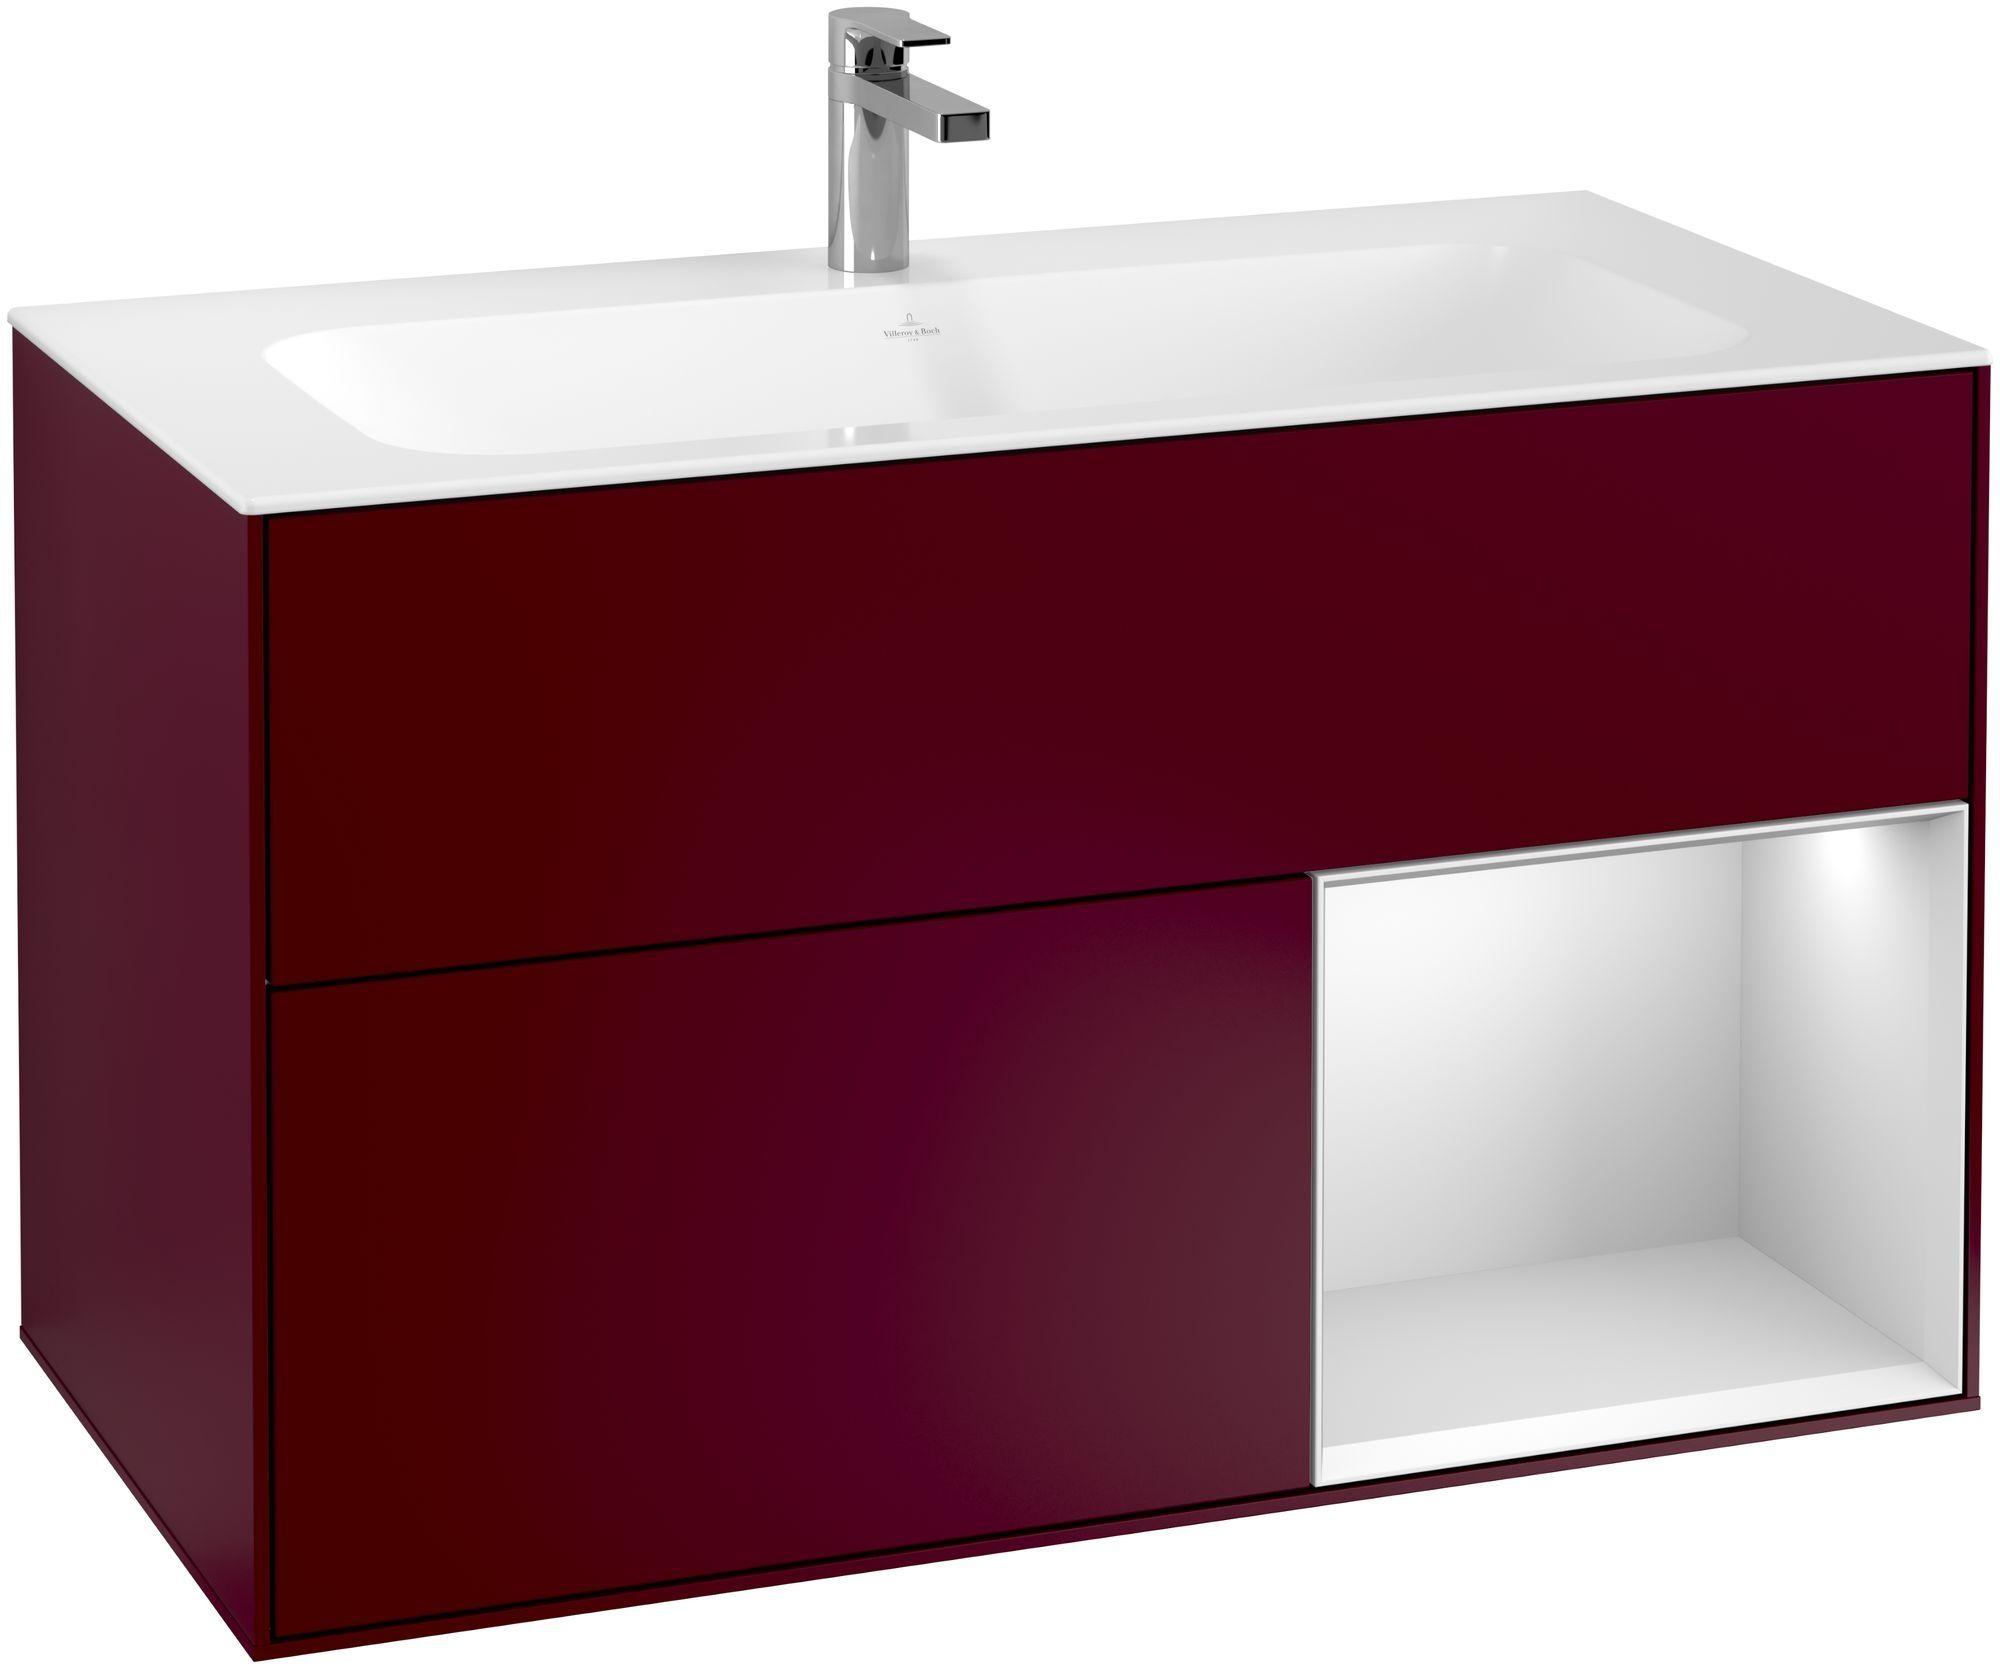 Villeroy & Boch Finion F04 Waschtischunterschrank mit Regalelement 2 Auszüge LED-Beleuchtung B:99,6xH:59,1xT:49,8cm Front, Korpus: Peony, Regal: Weiß Matt Soft Grey F040MTHB